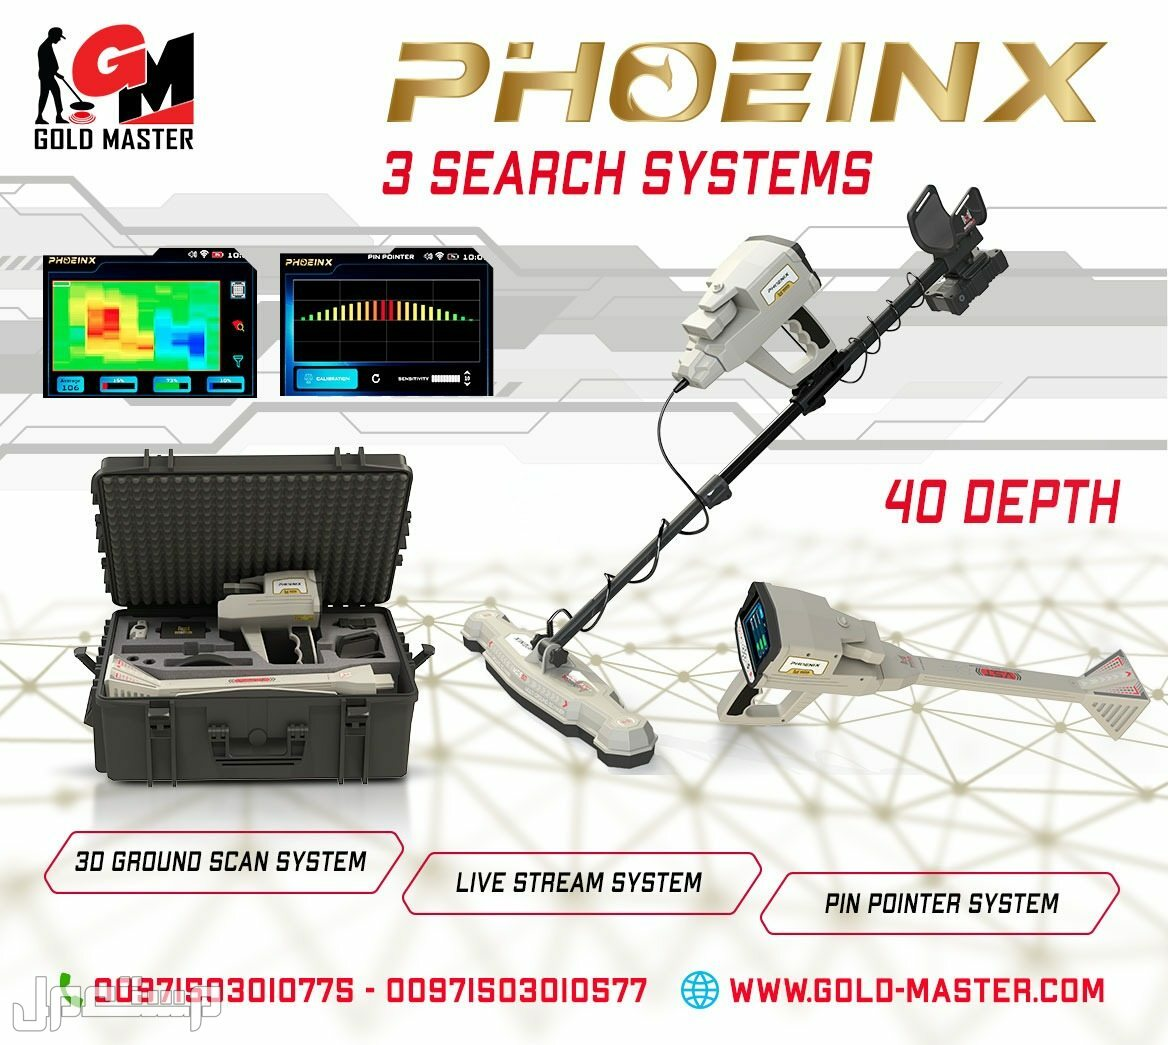 جهاز كشف الذهب التصويري الجديد فينيكس | اجهزة كشف الذهب فى السعودية جهاز كشف الذهب فينيكس